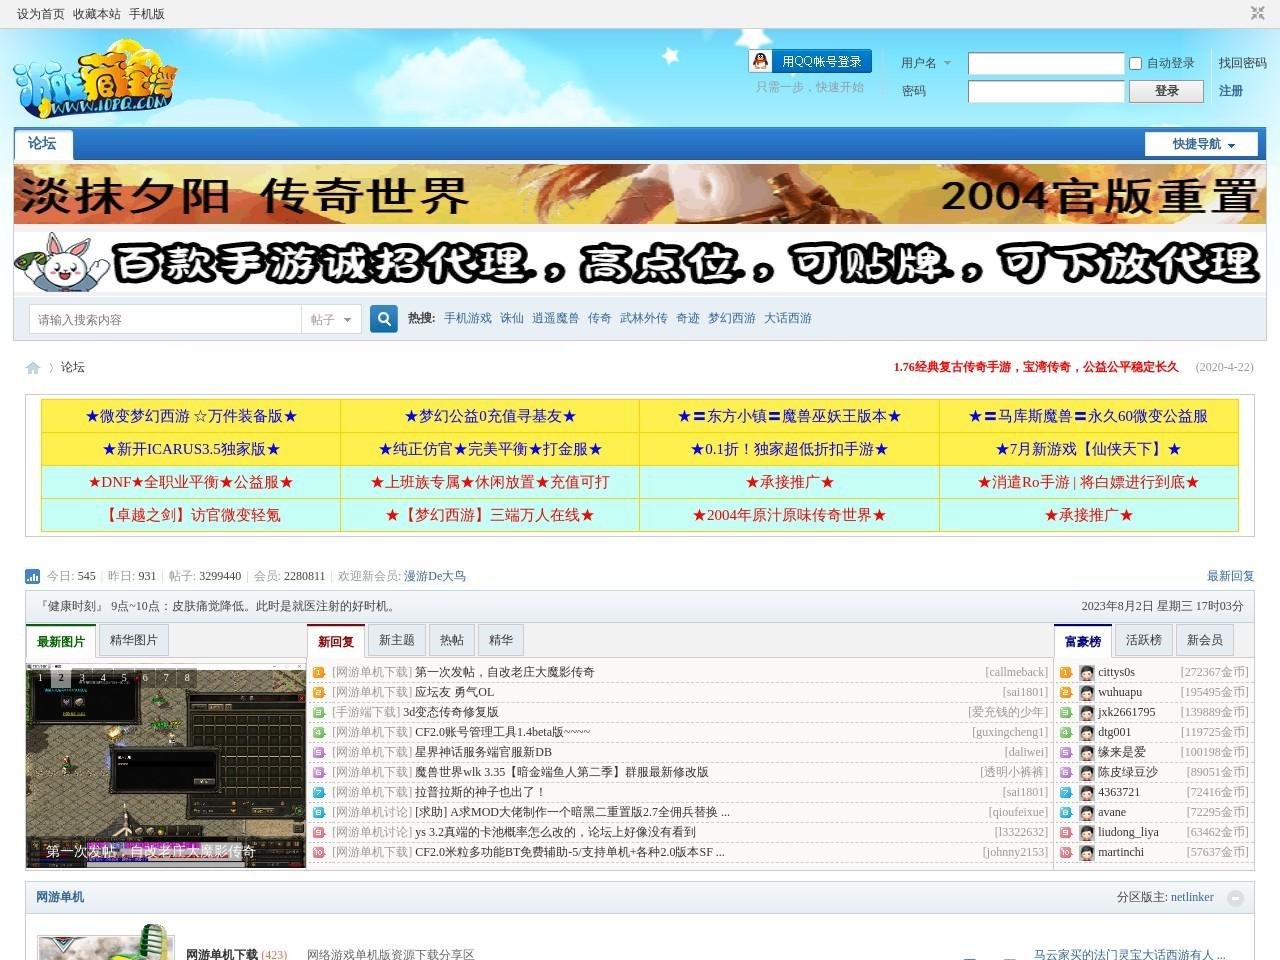 藏宝湾_网游单机版论坛